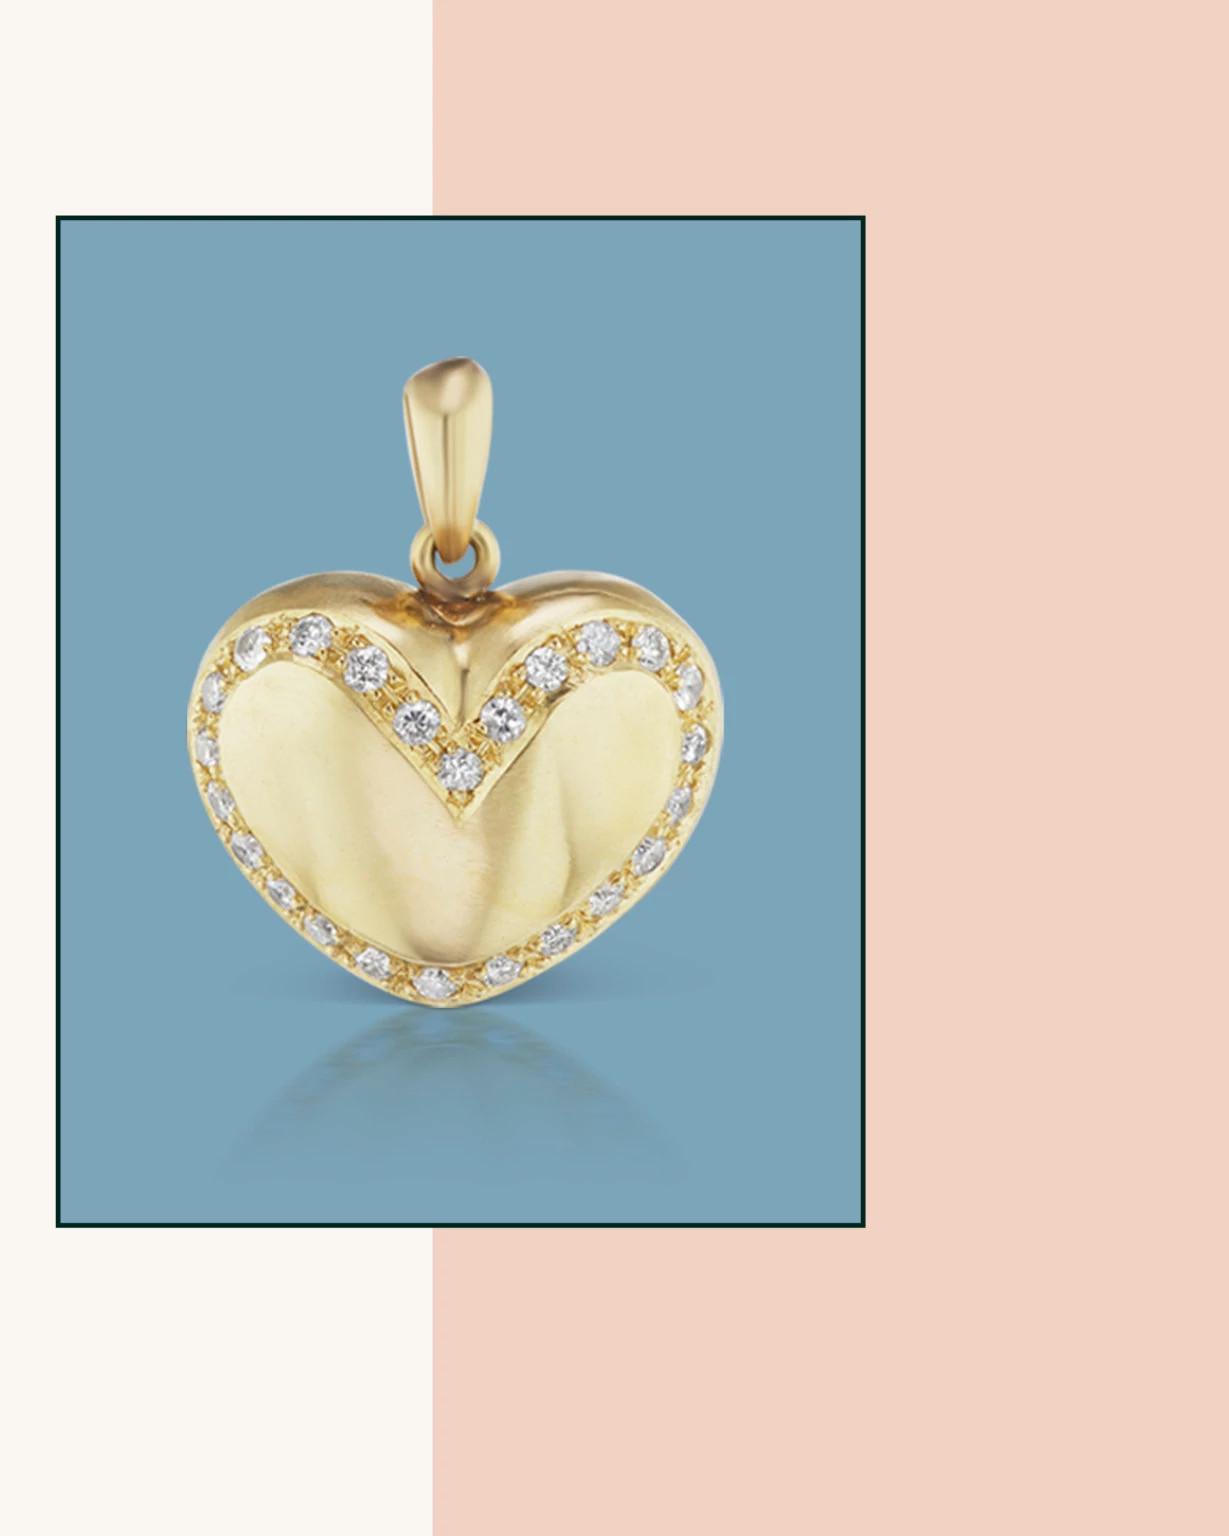 Christina Alexiou的天然钻石作品